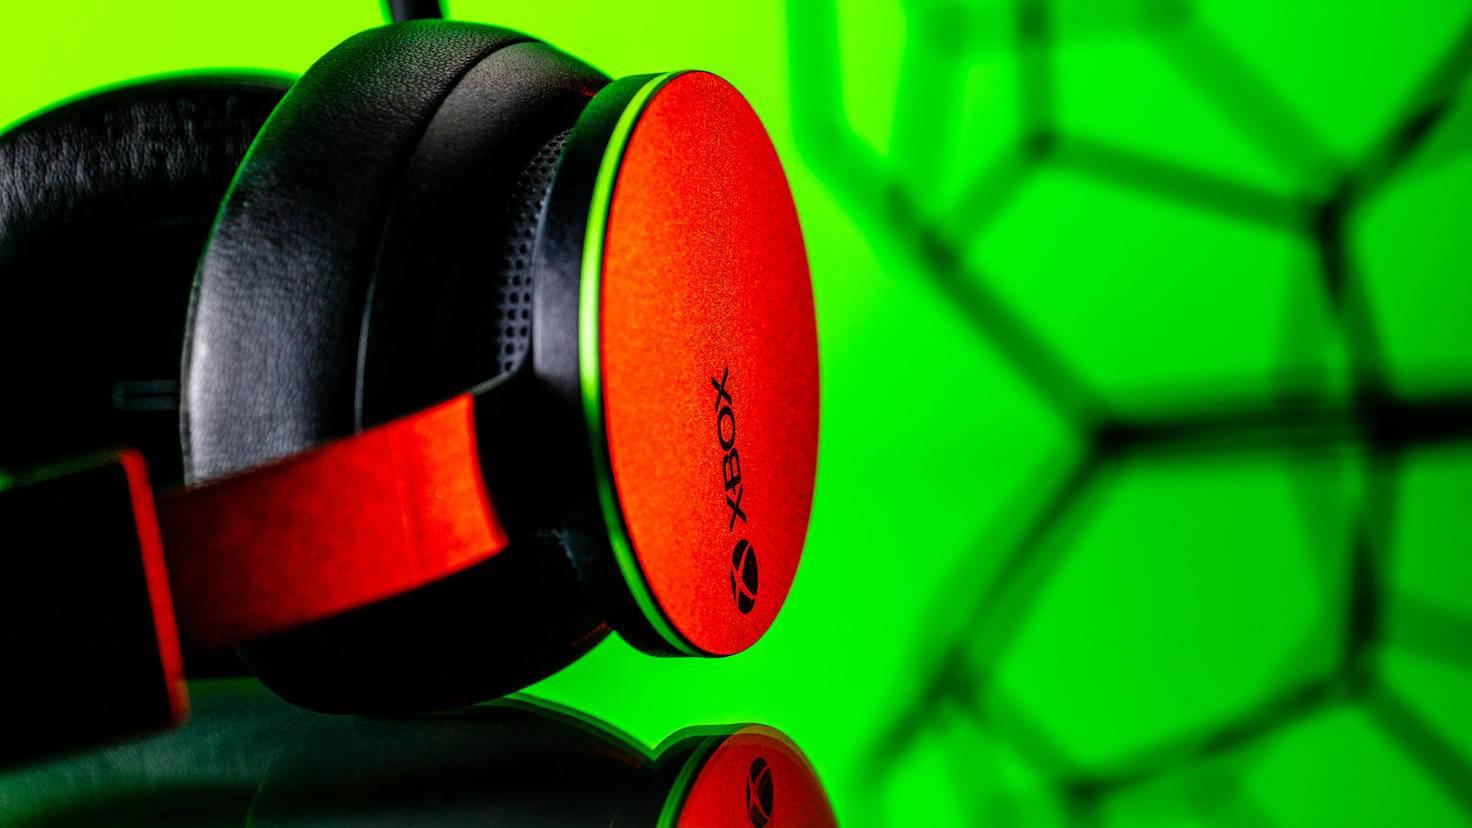 Xbox-Wireless-Headset-5